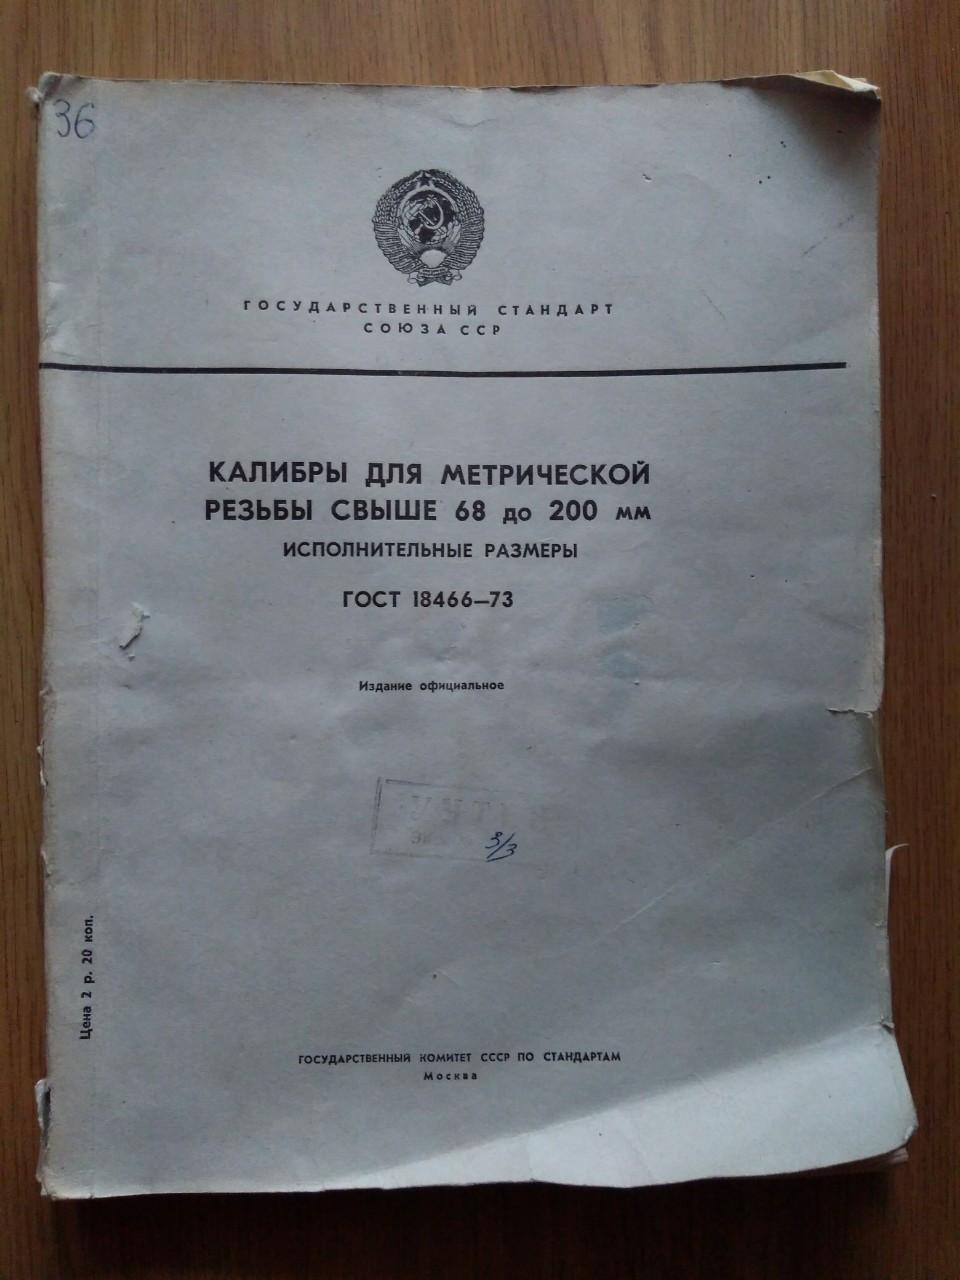 Калибры для метрической резьбы 68 до 200 мм,исполнительные размеры ,ГОСТ18466-73